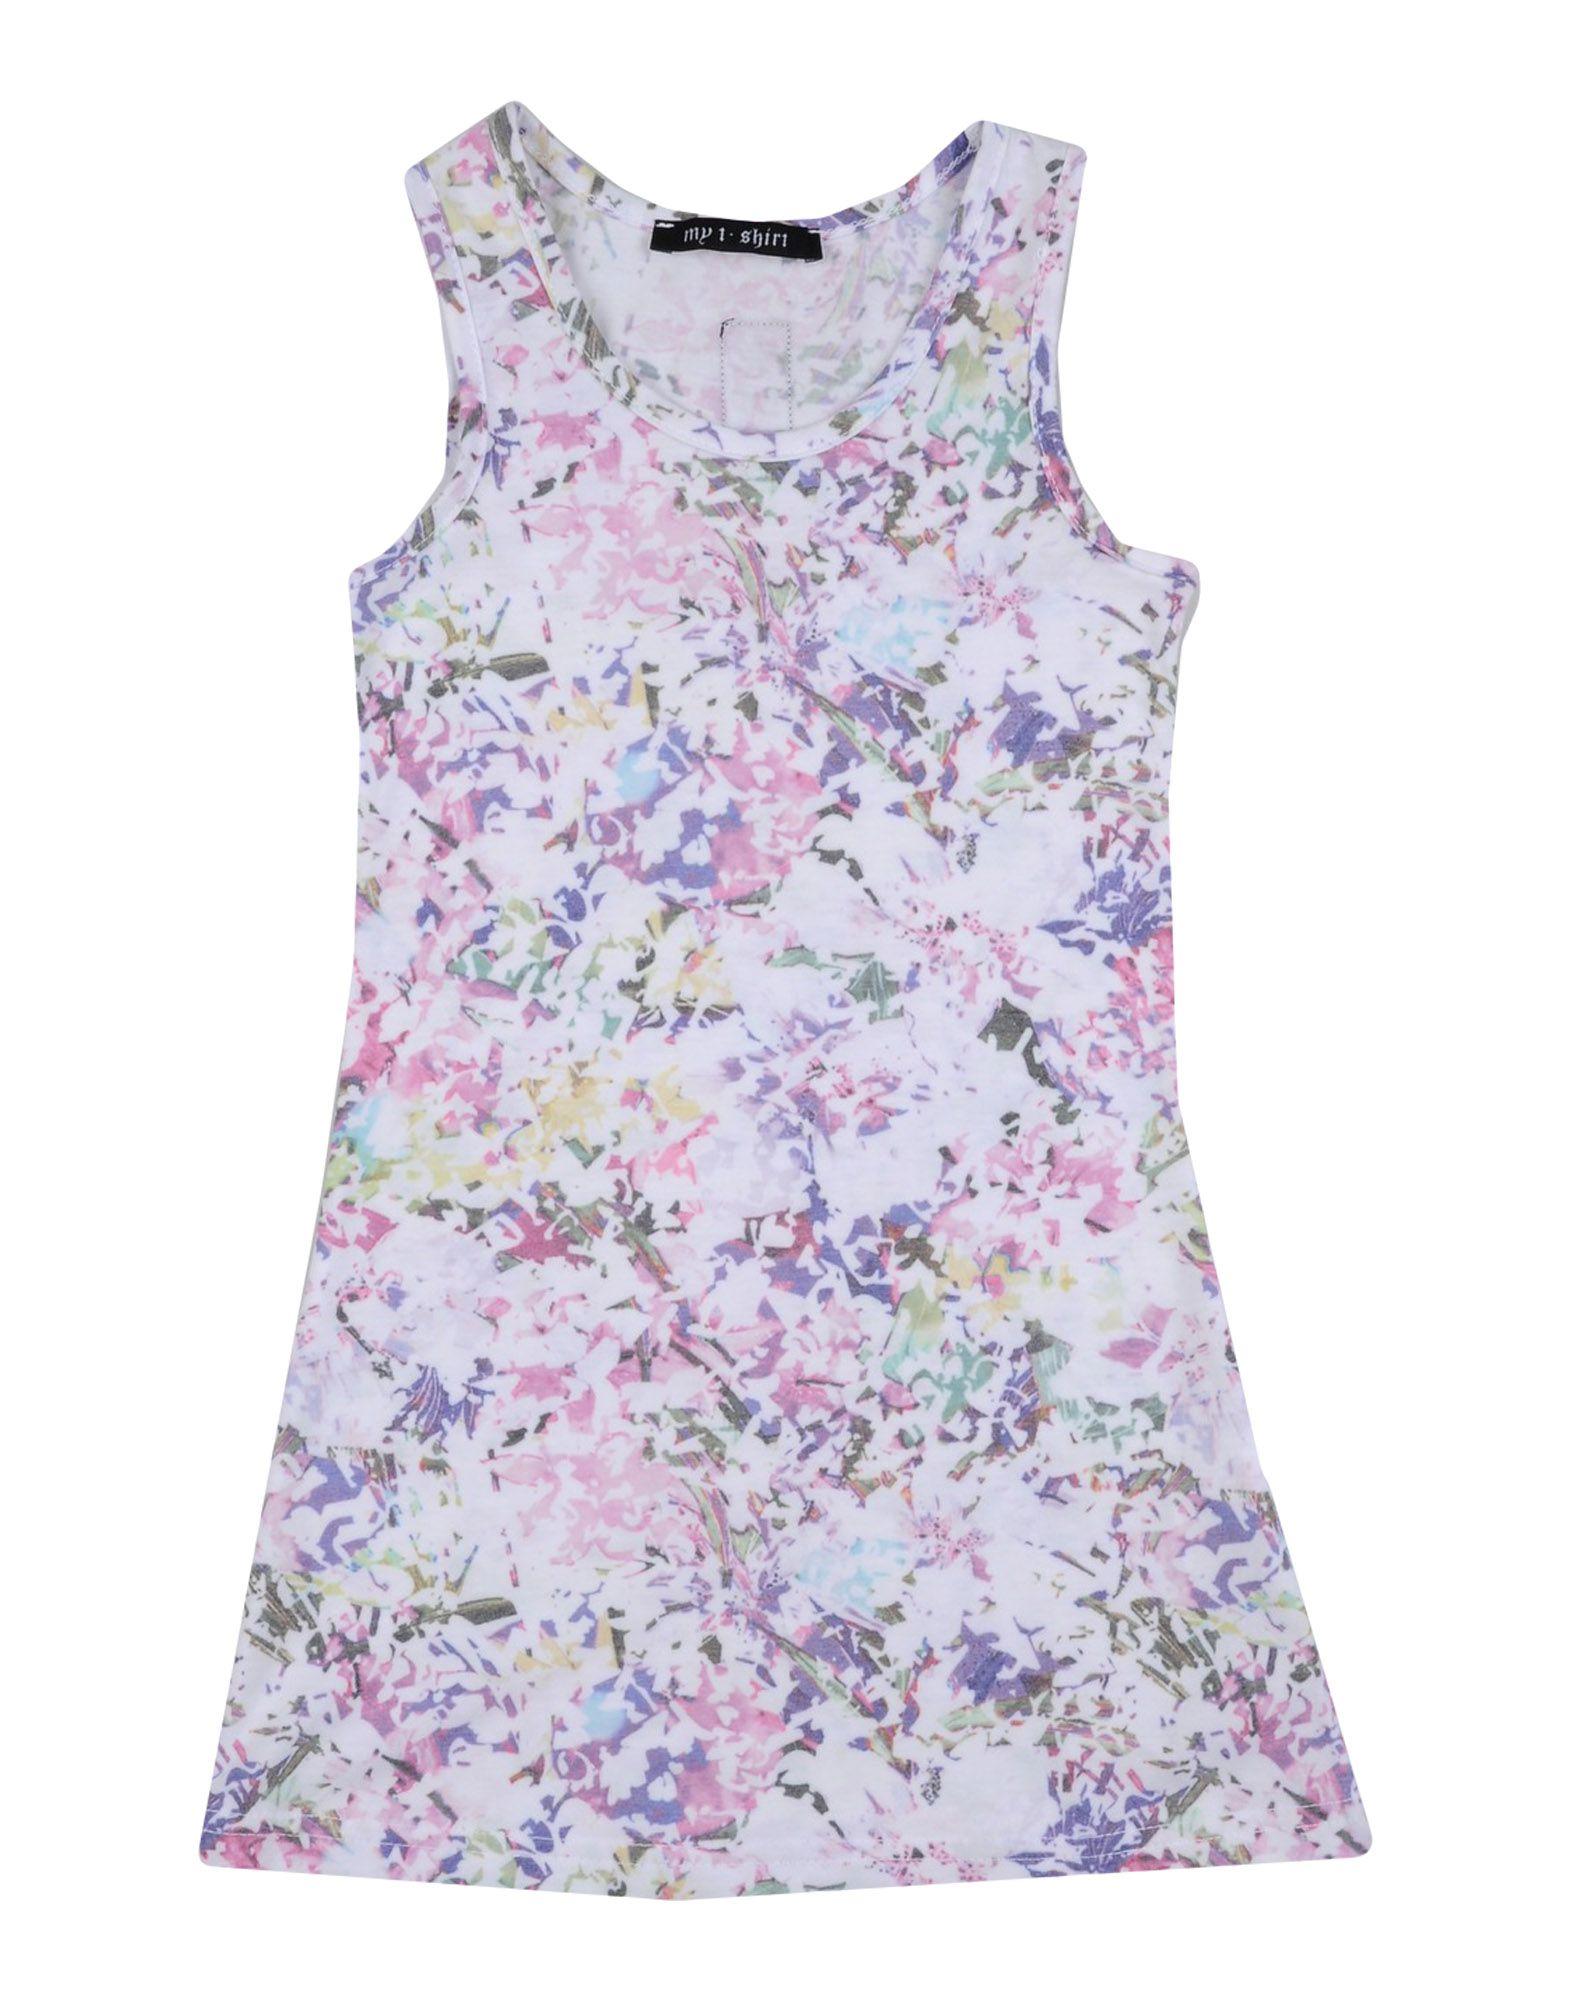 MY T-SHIRT Mädchen 0-24 monate Kleid Farbe Flieder Größe 10